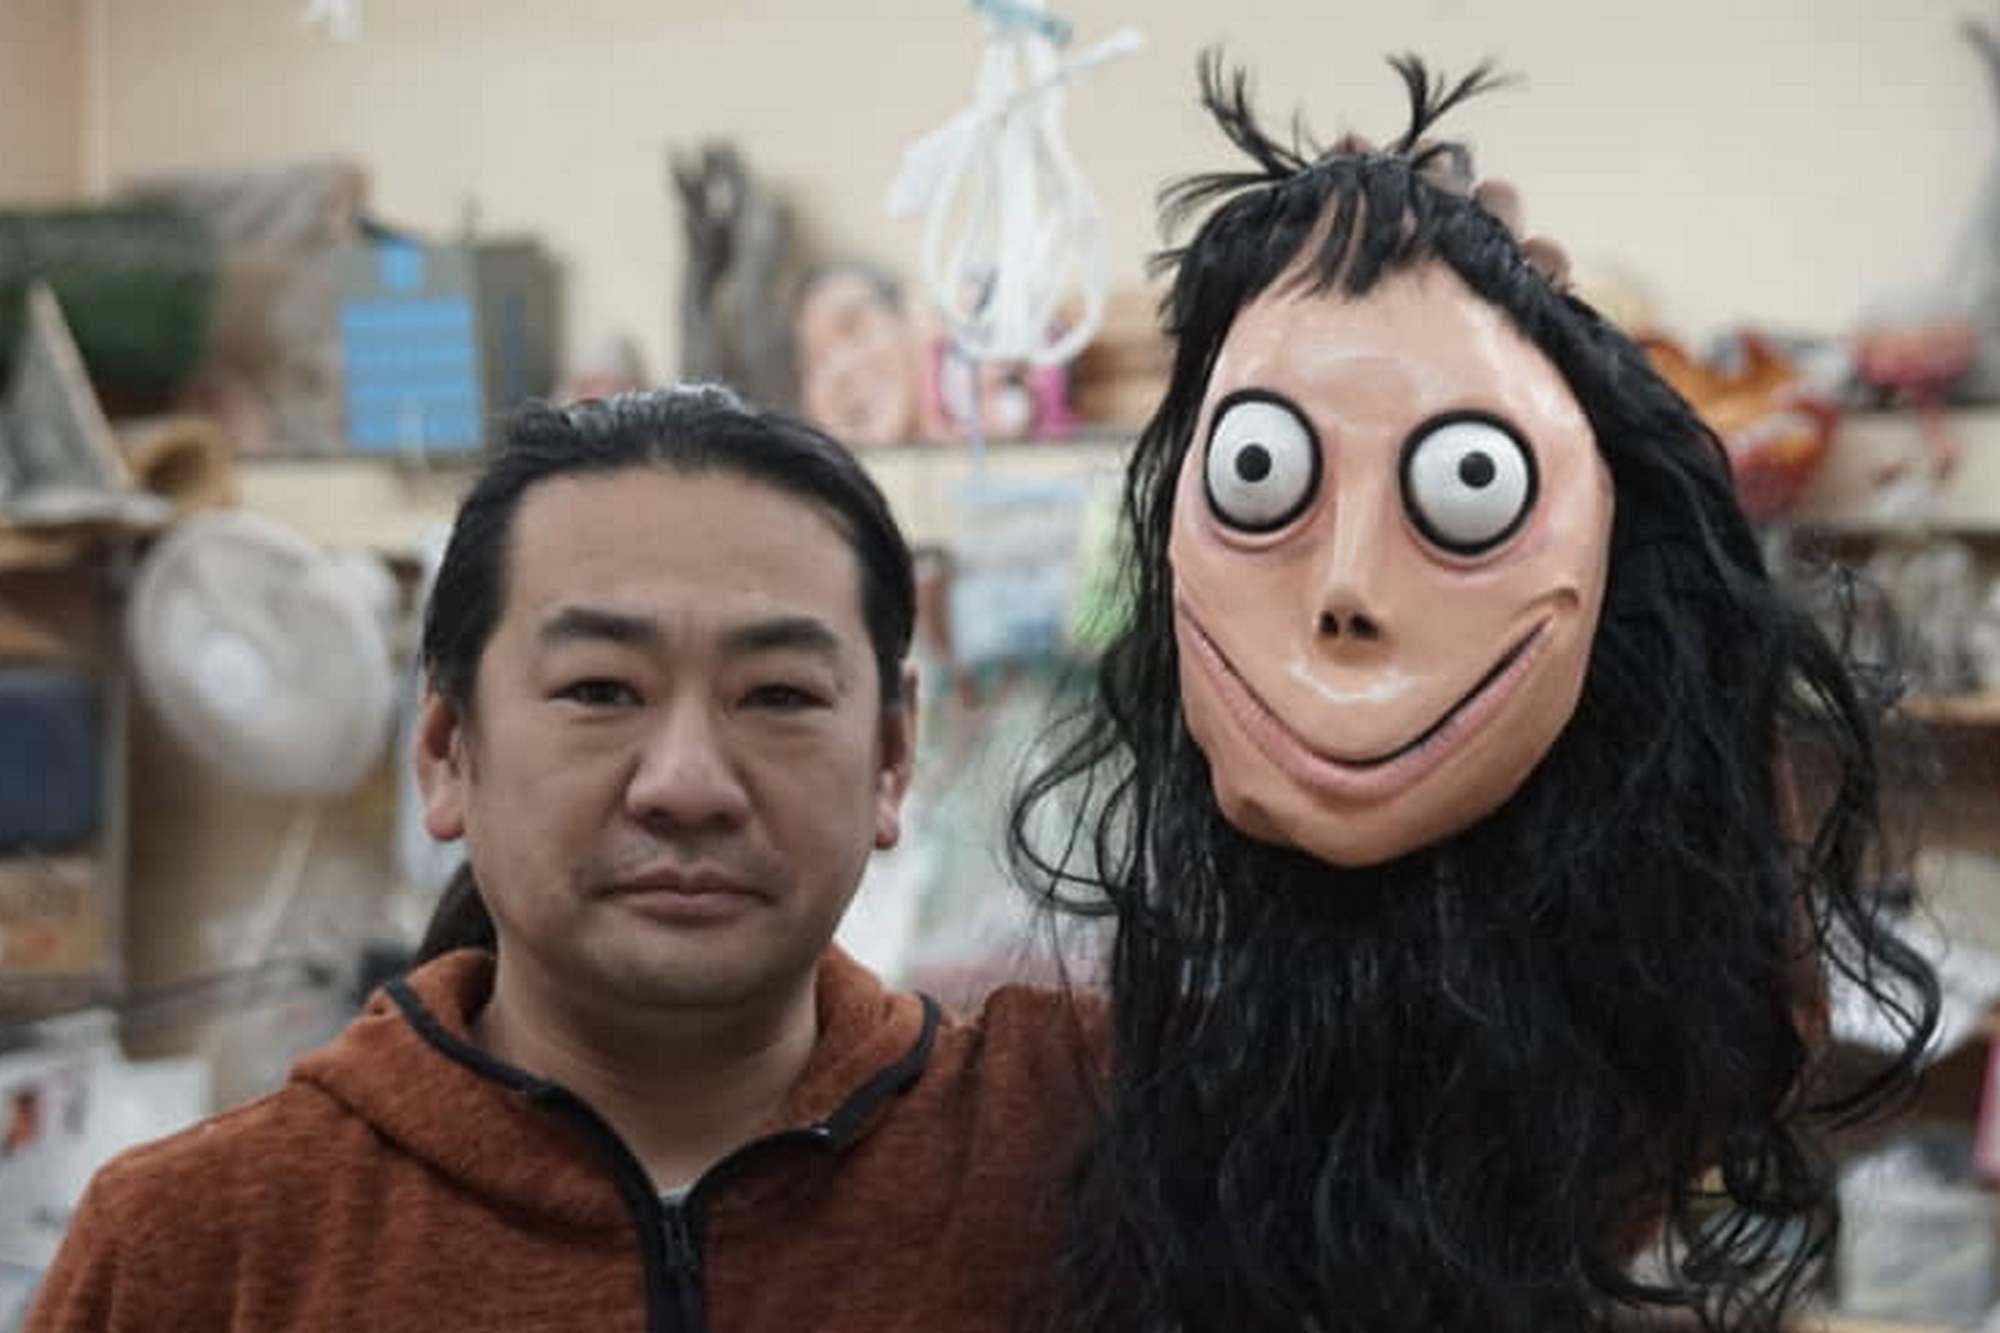 El Momo Challenge viral tendrá película de terror con productor de IT